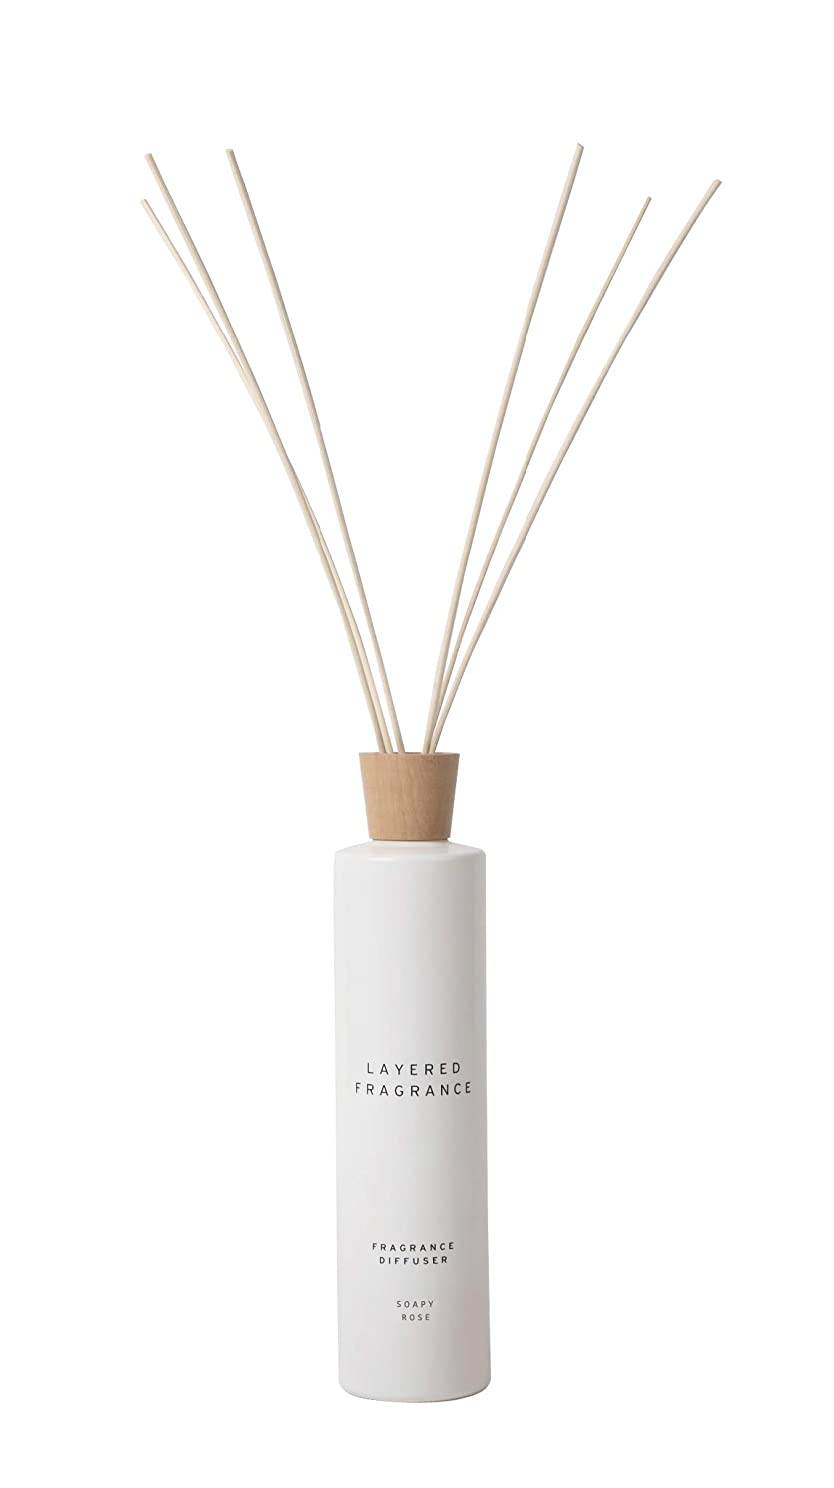 処方偽ハミングバード空間ごとに香りを使い分けて楽しむ レイヤードフレグランス フレグランスディフューザー ソーピーローズ 500ml